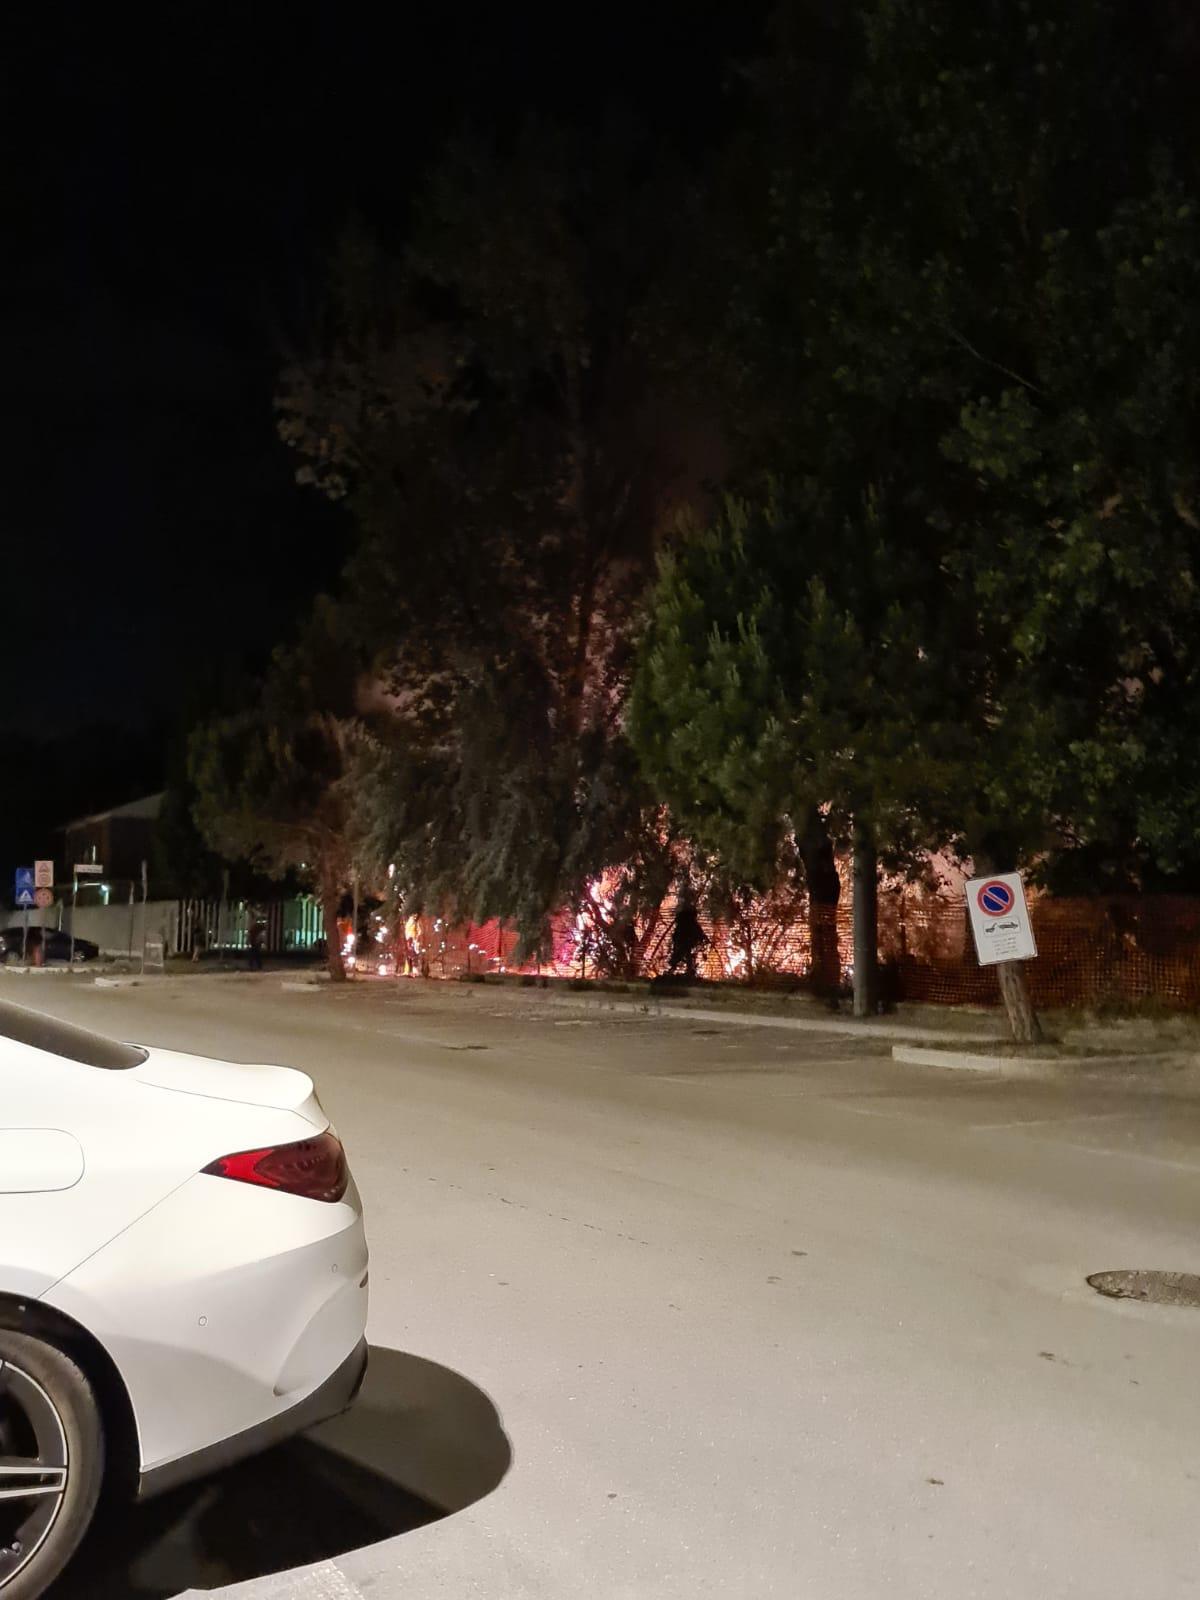 Incendio nella notte in un colonia accanto ai Carabinieri